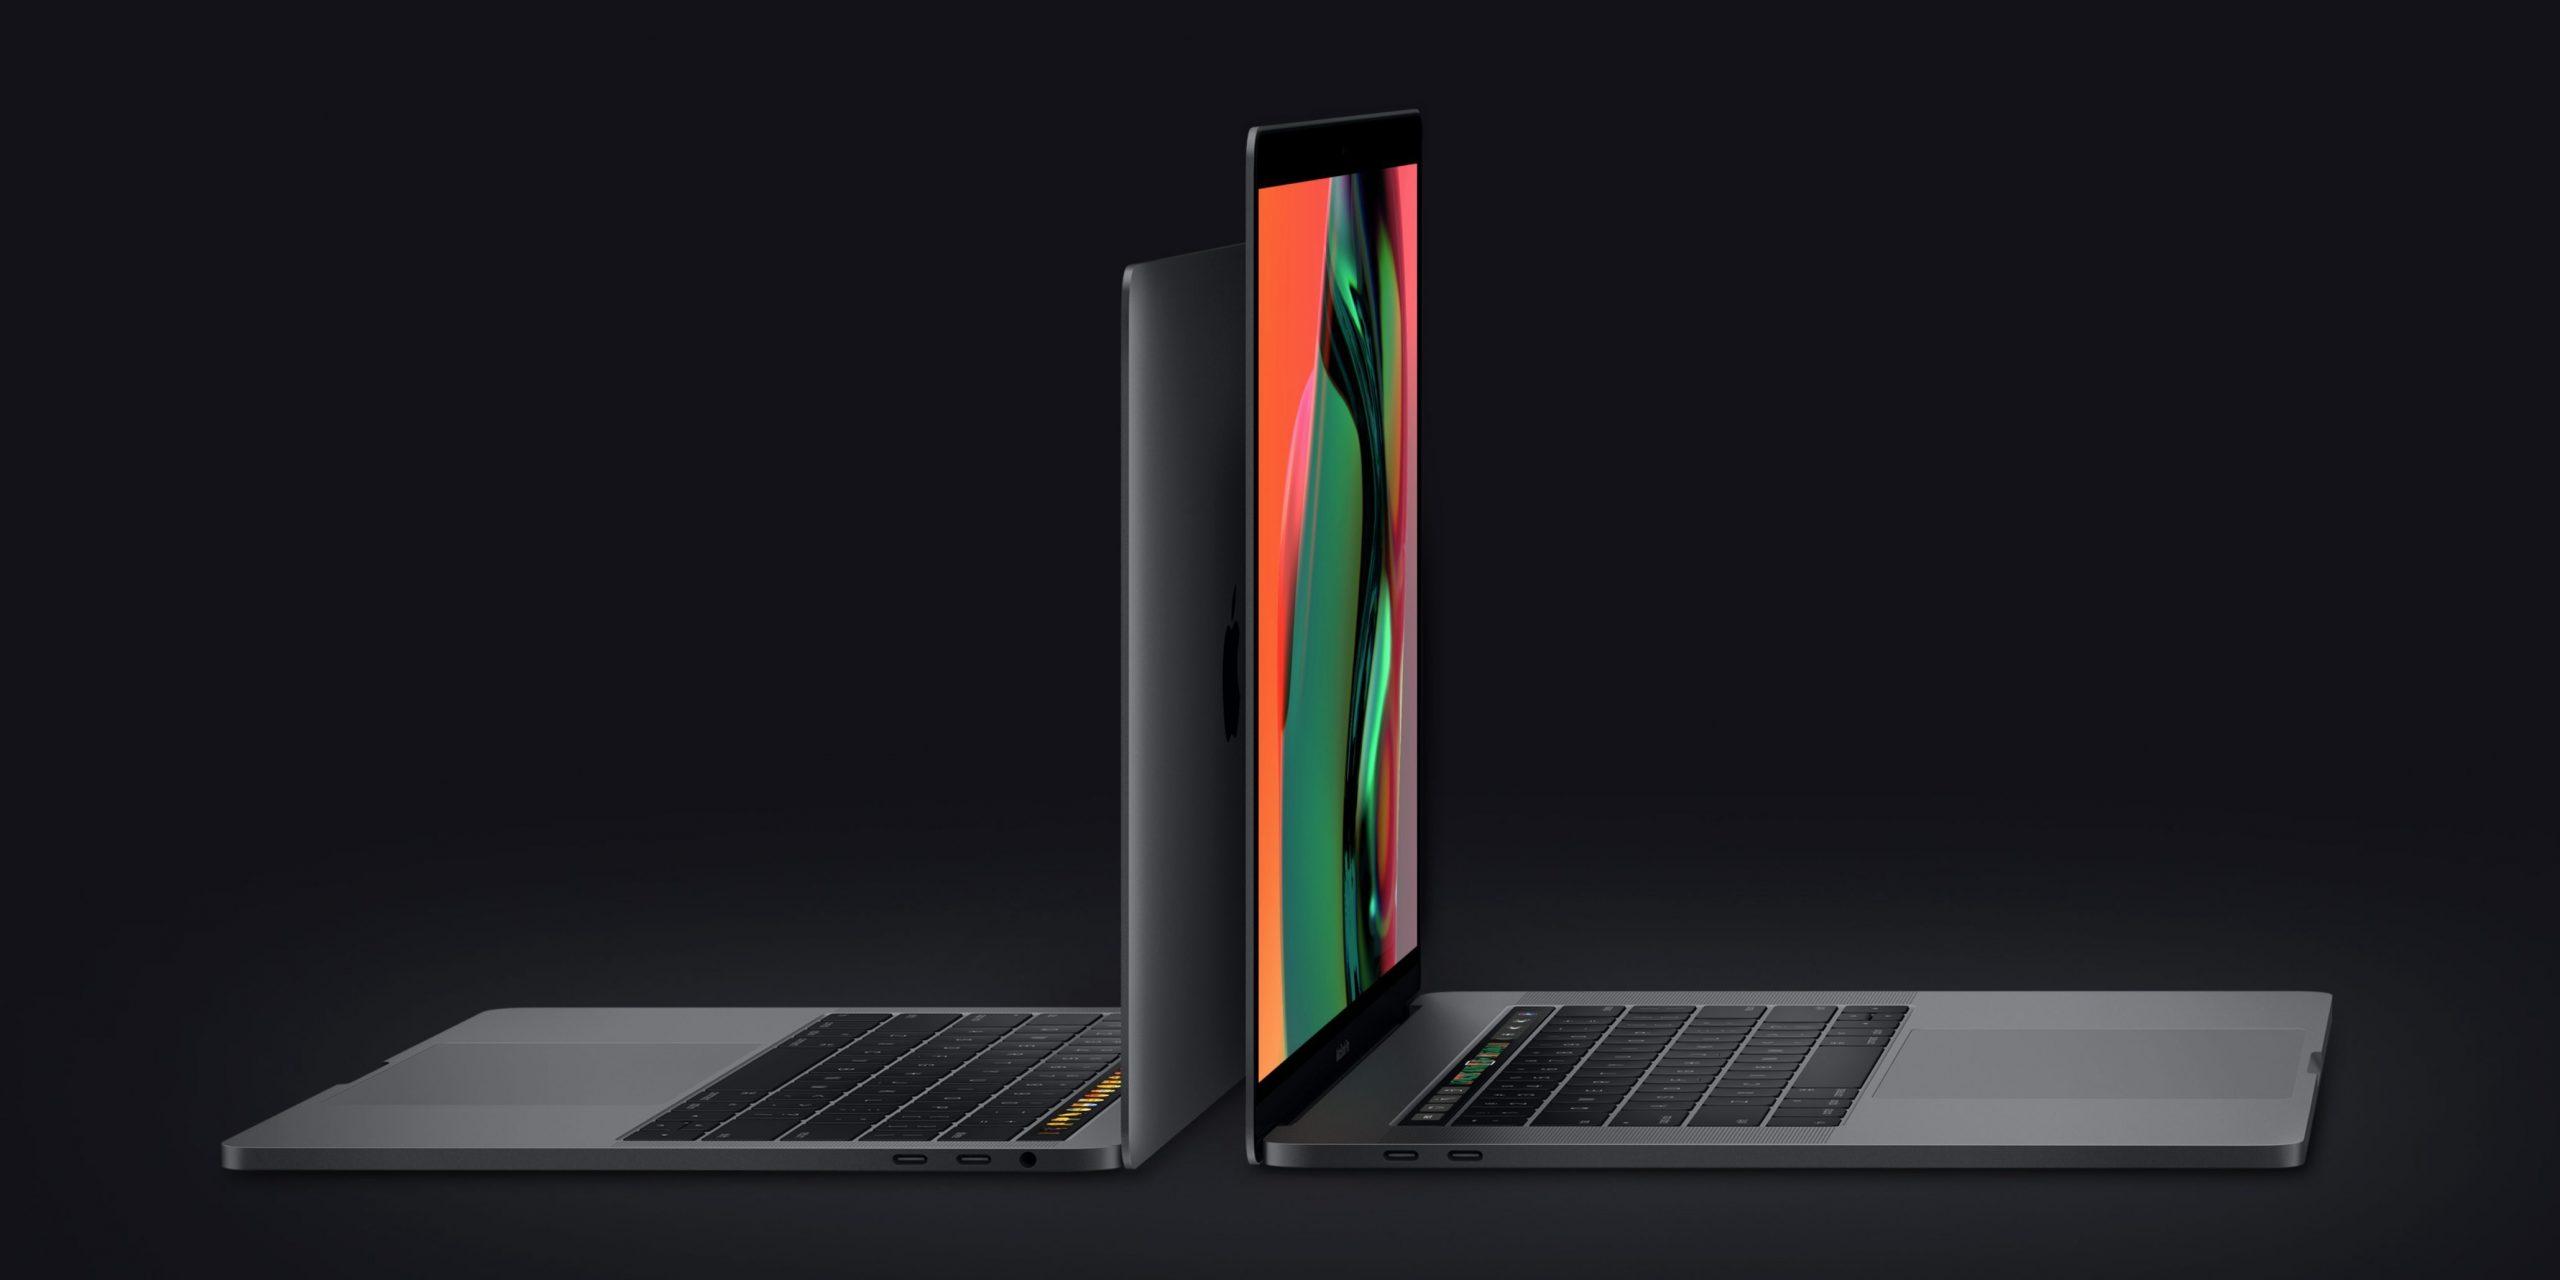 16 hazbeteko MacBook Pro eta 31 hazbeteko iMac datozen!